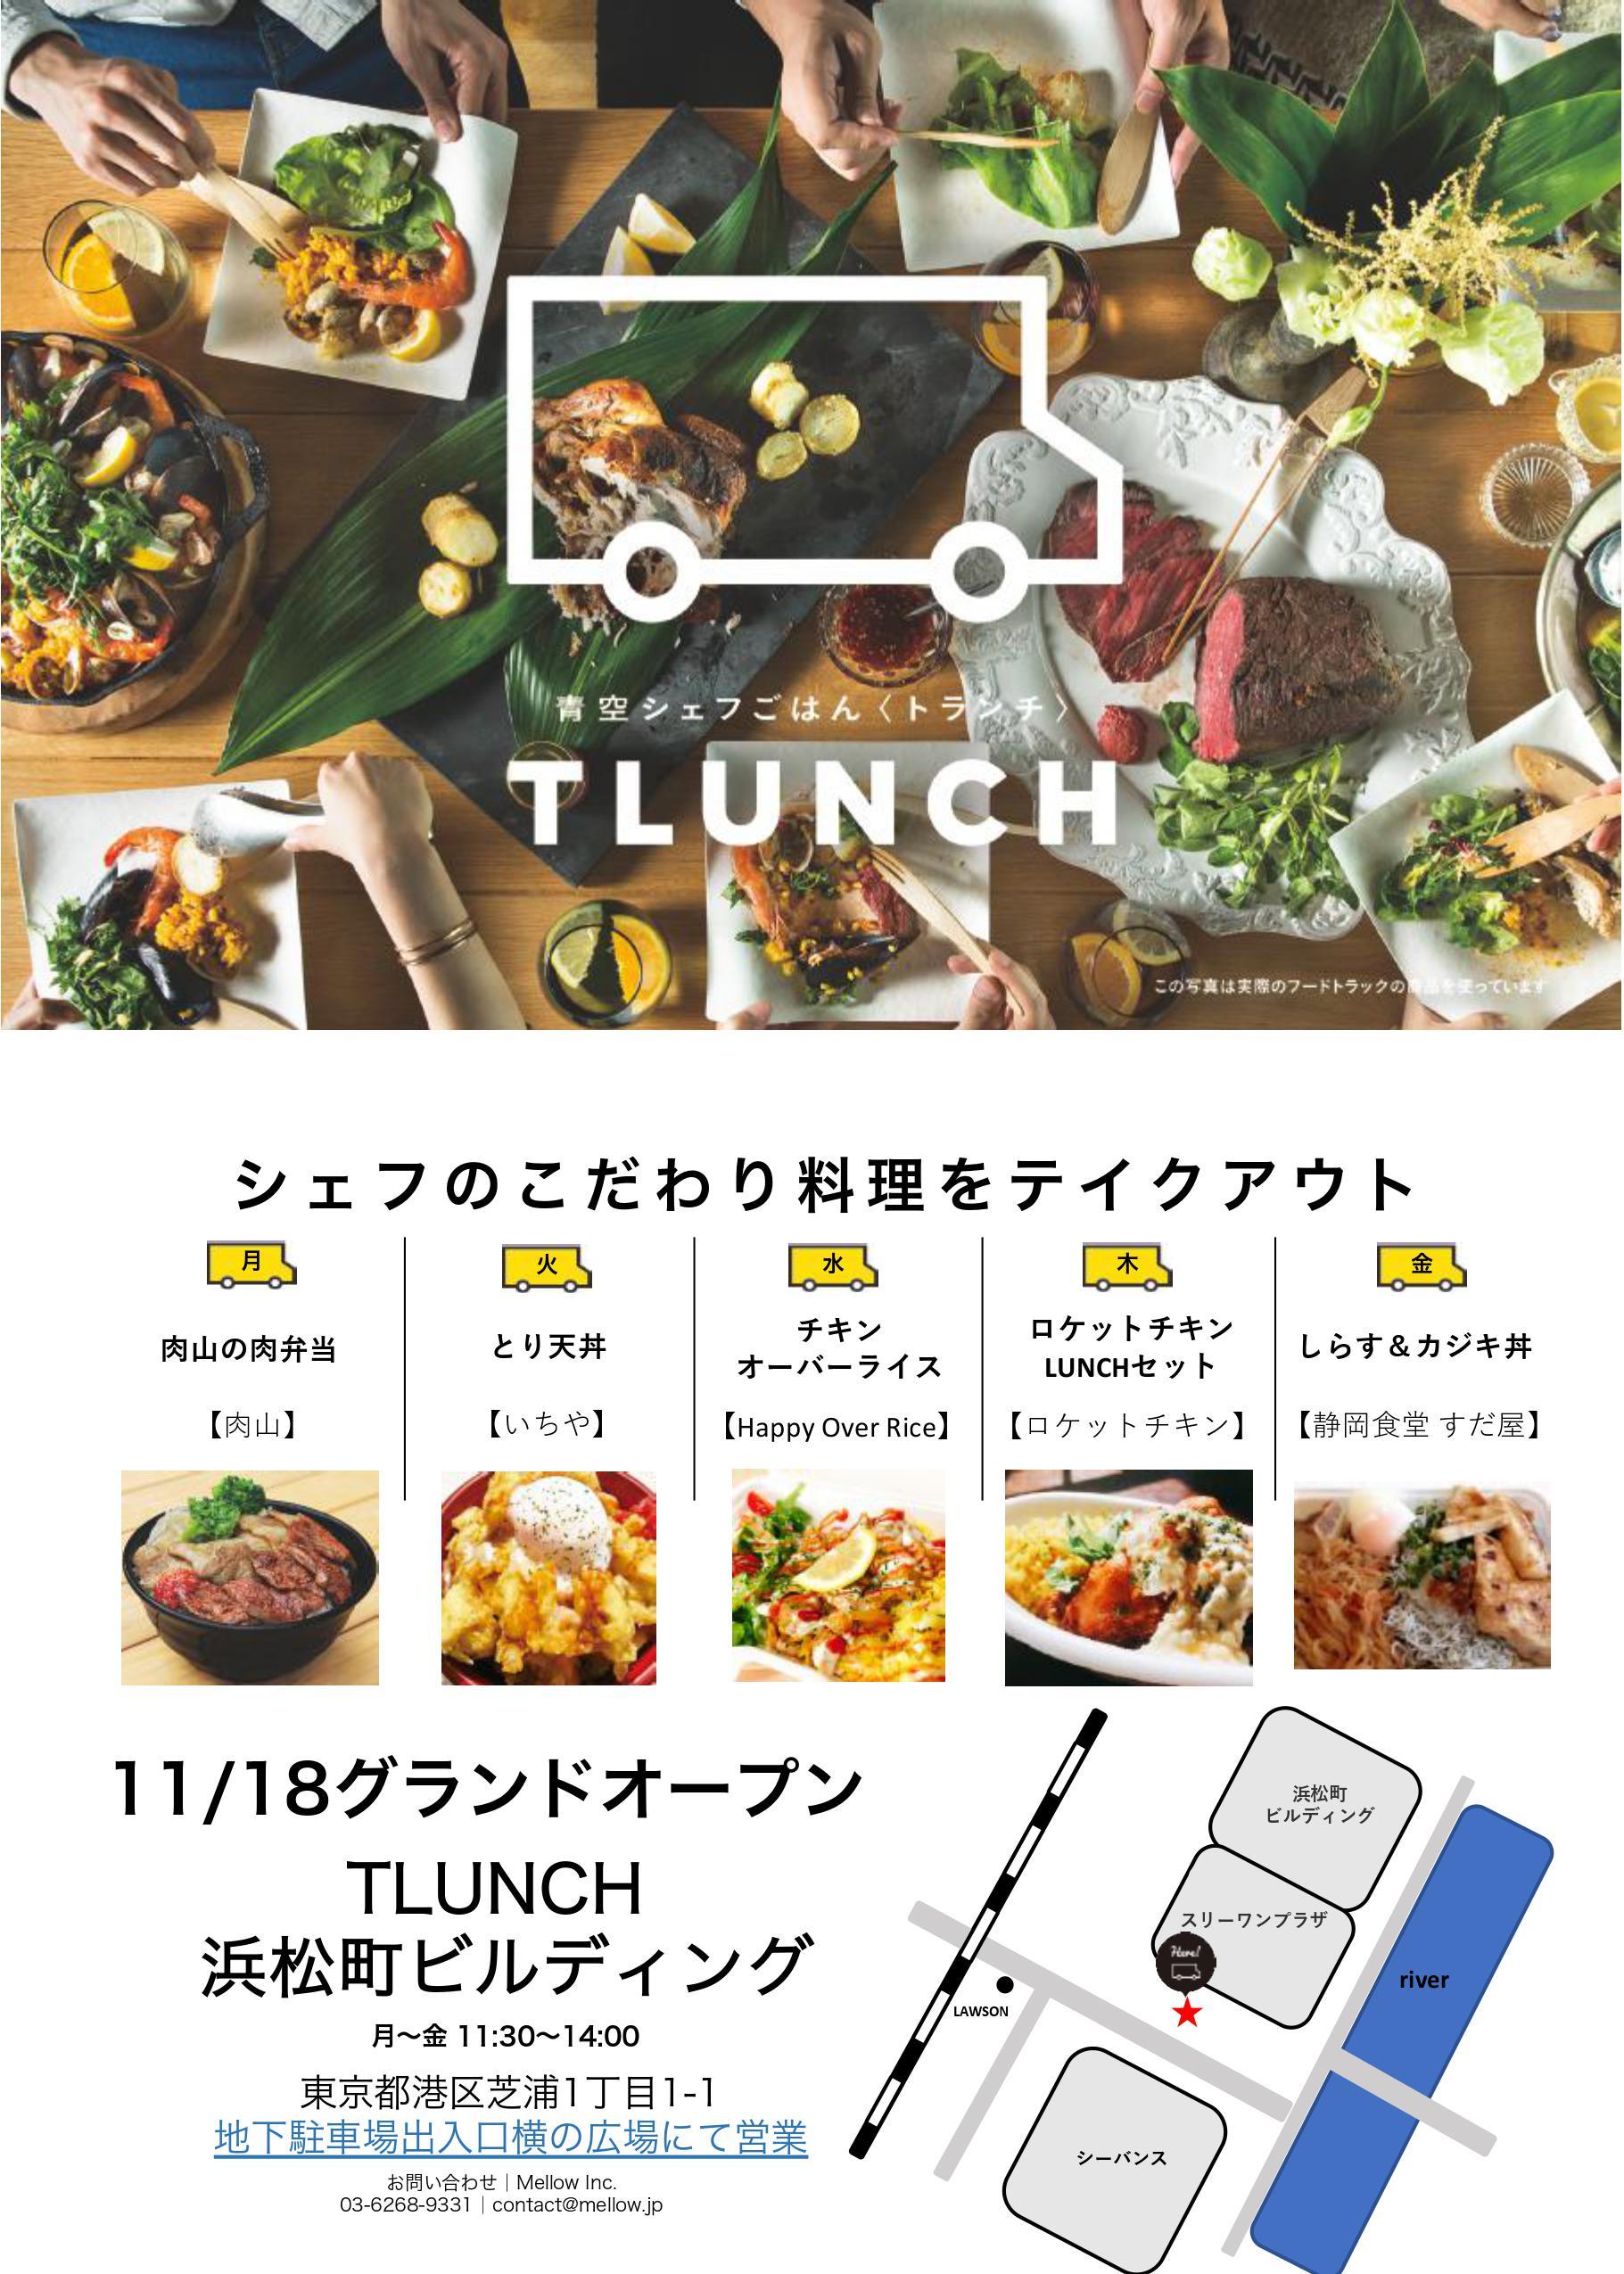 町 キッチン 浜松